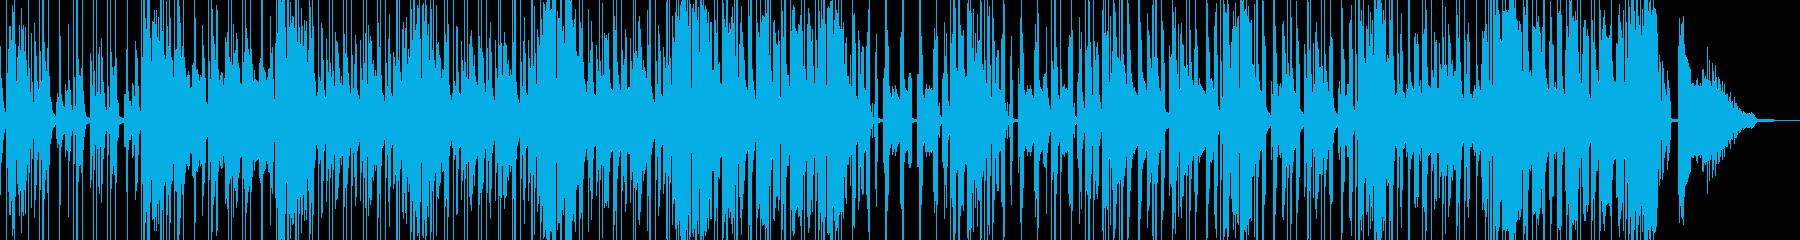 コメディやギャグに適したBGM cの再生済みの波形